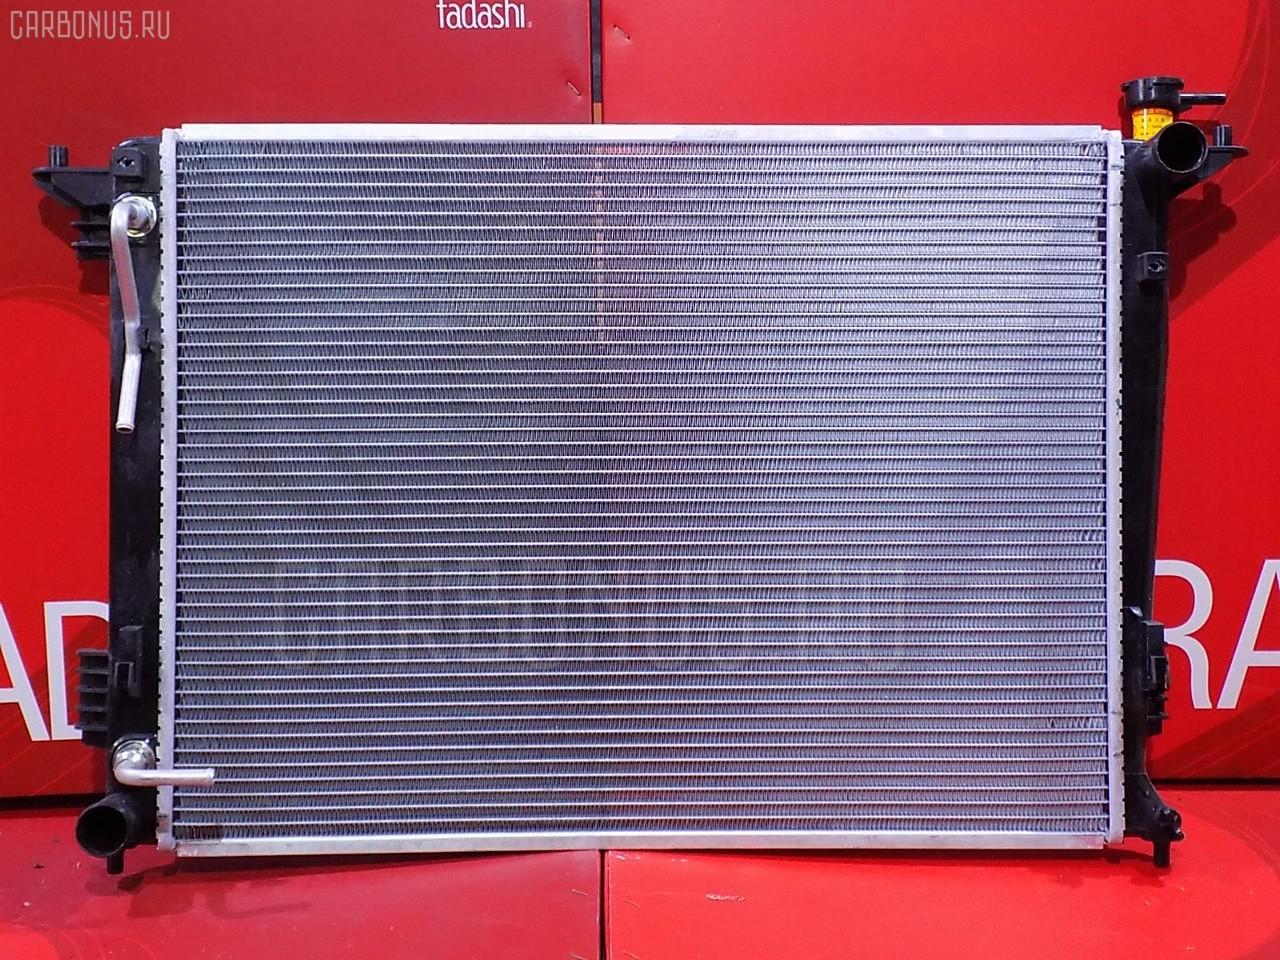 Радиатор ДВС TADASHI TD-036-0146 на Hyundai Ix35 2.0 Фото 1